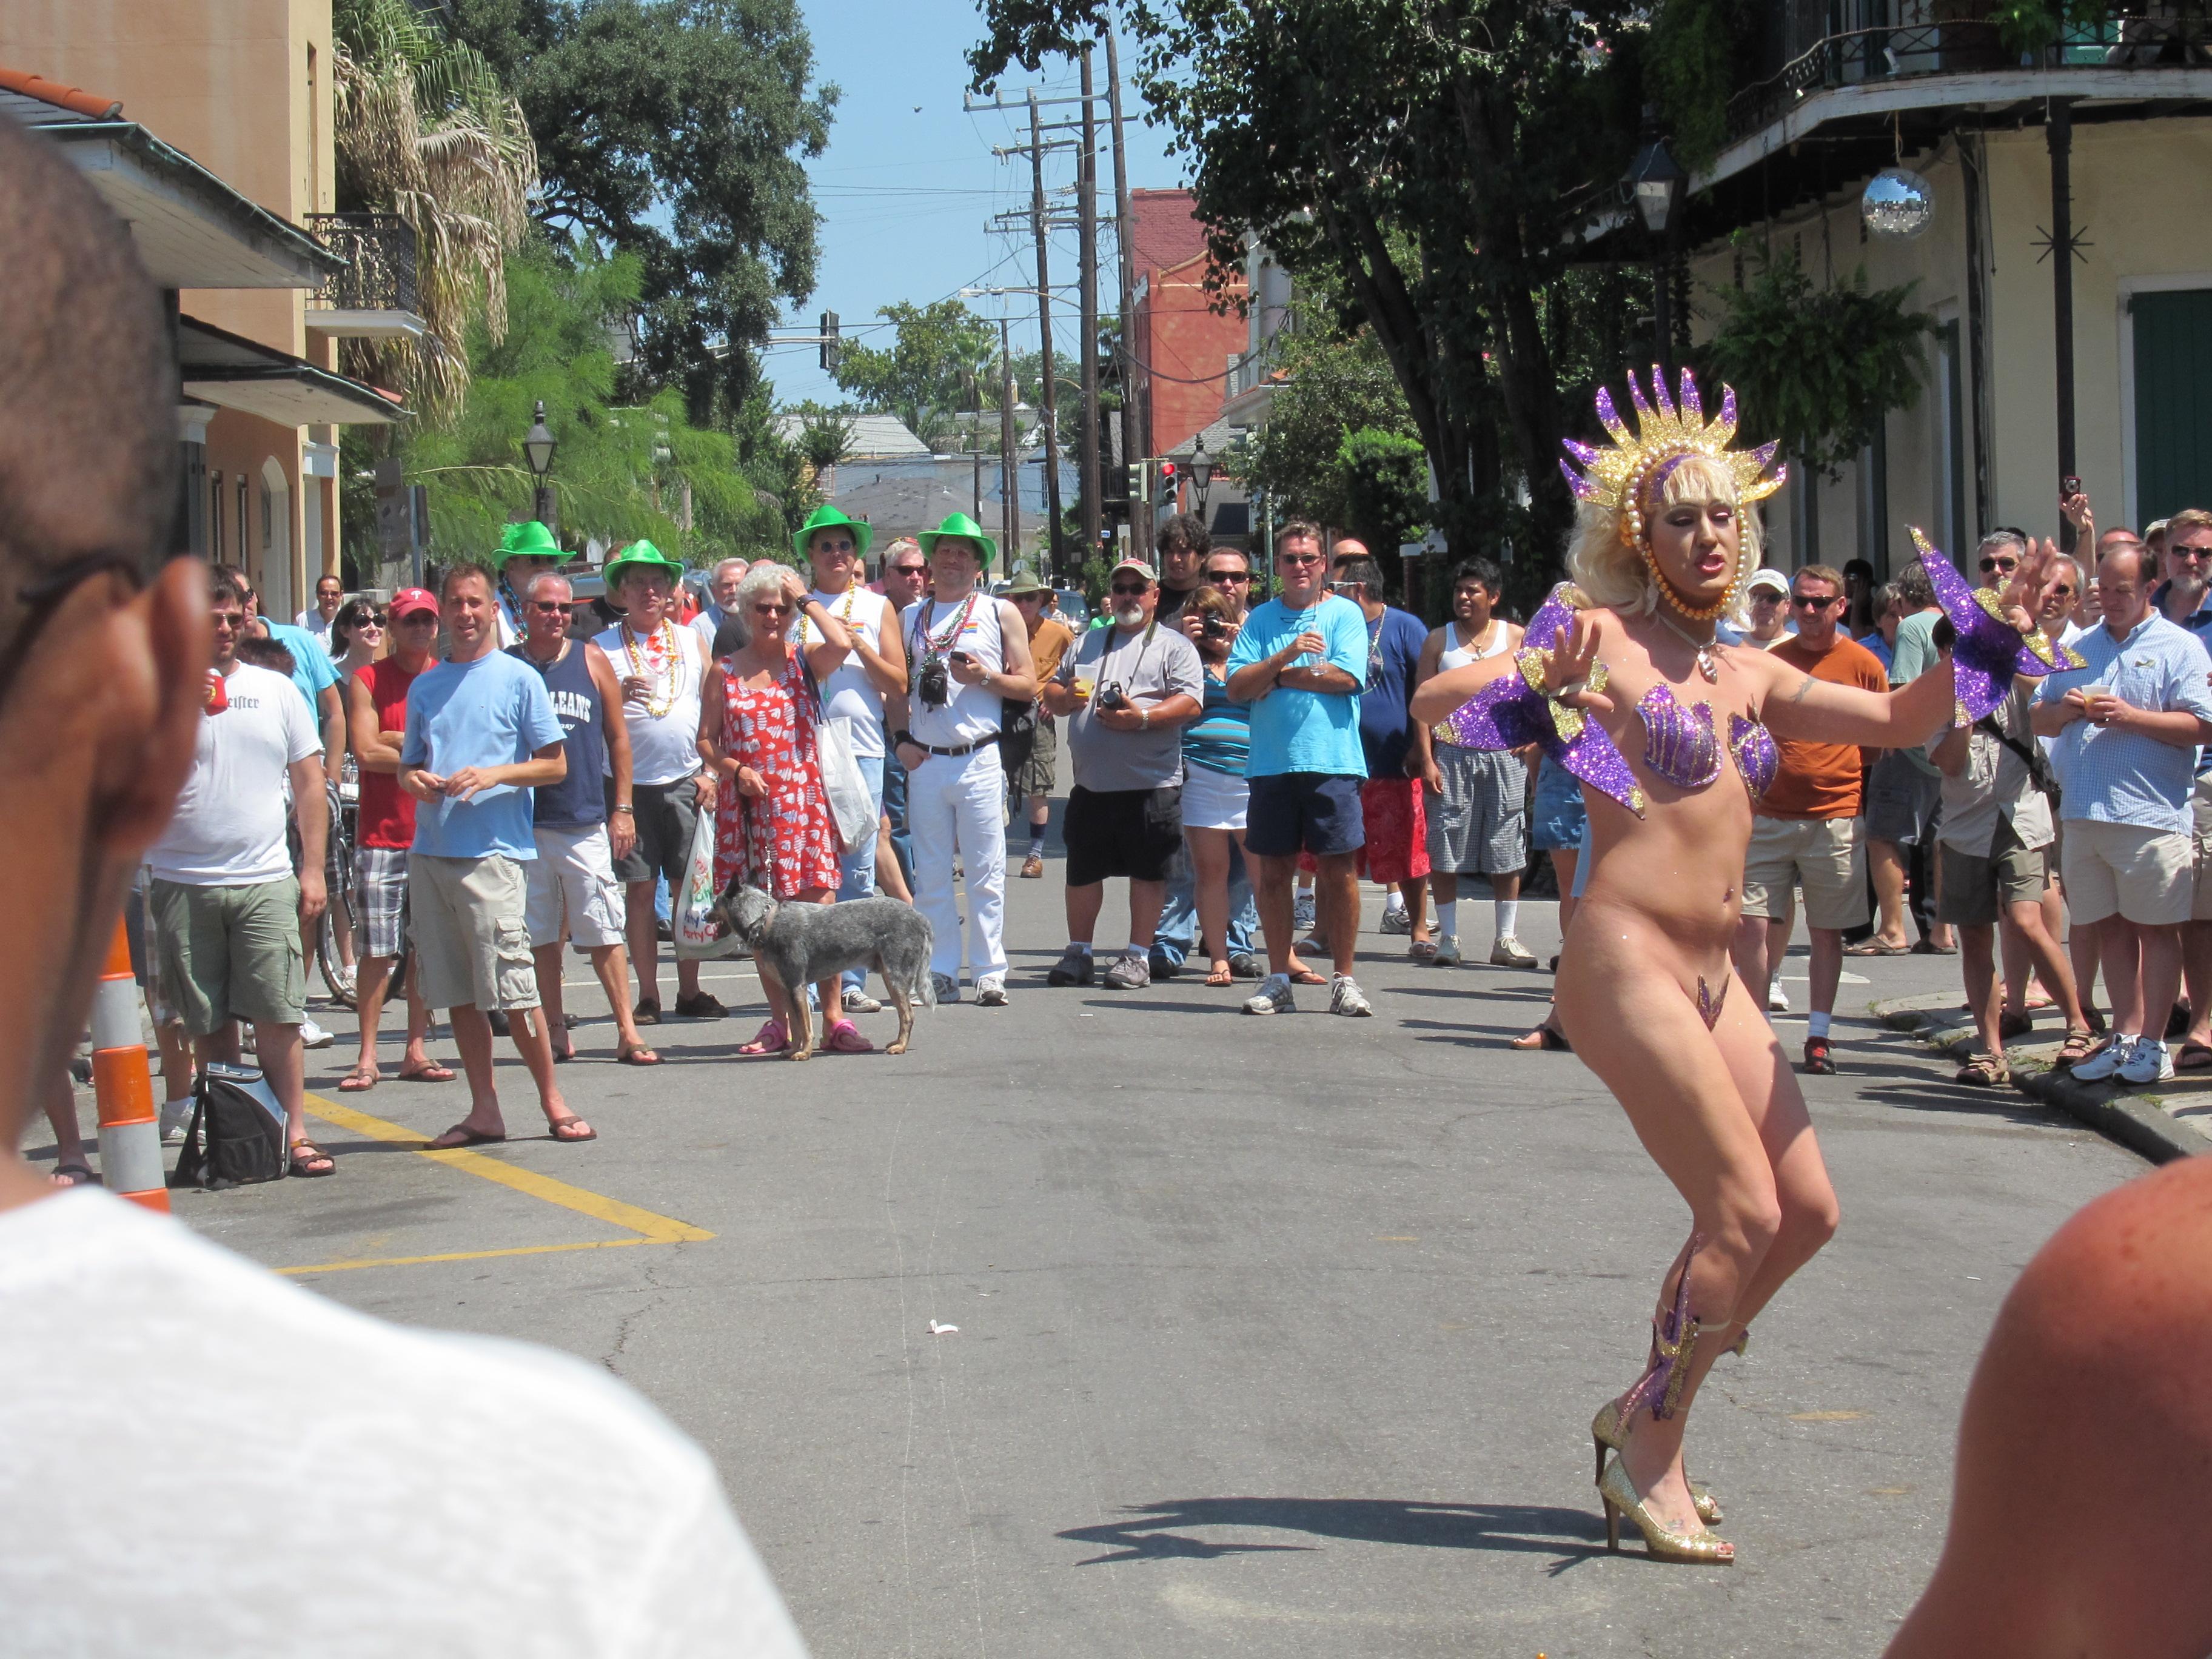 Nude Dance Festival